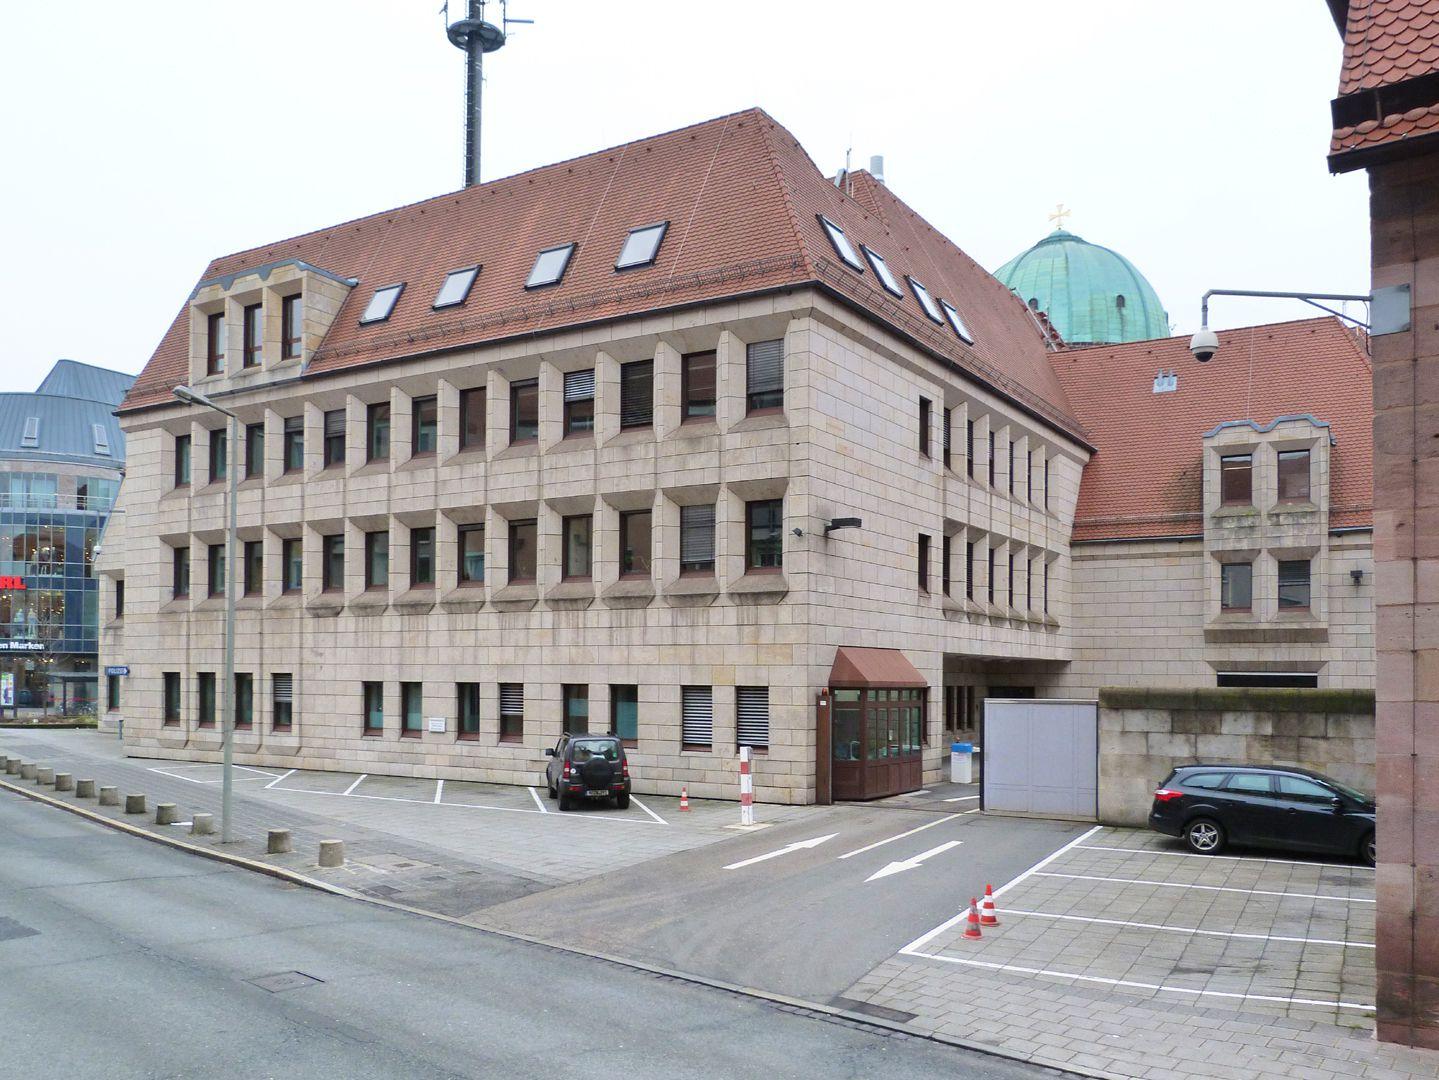 Erweiterungsbau des Polizeipräsidiums Gebäude und Hofzufahrt in der Schlotfegergasse